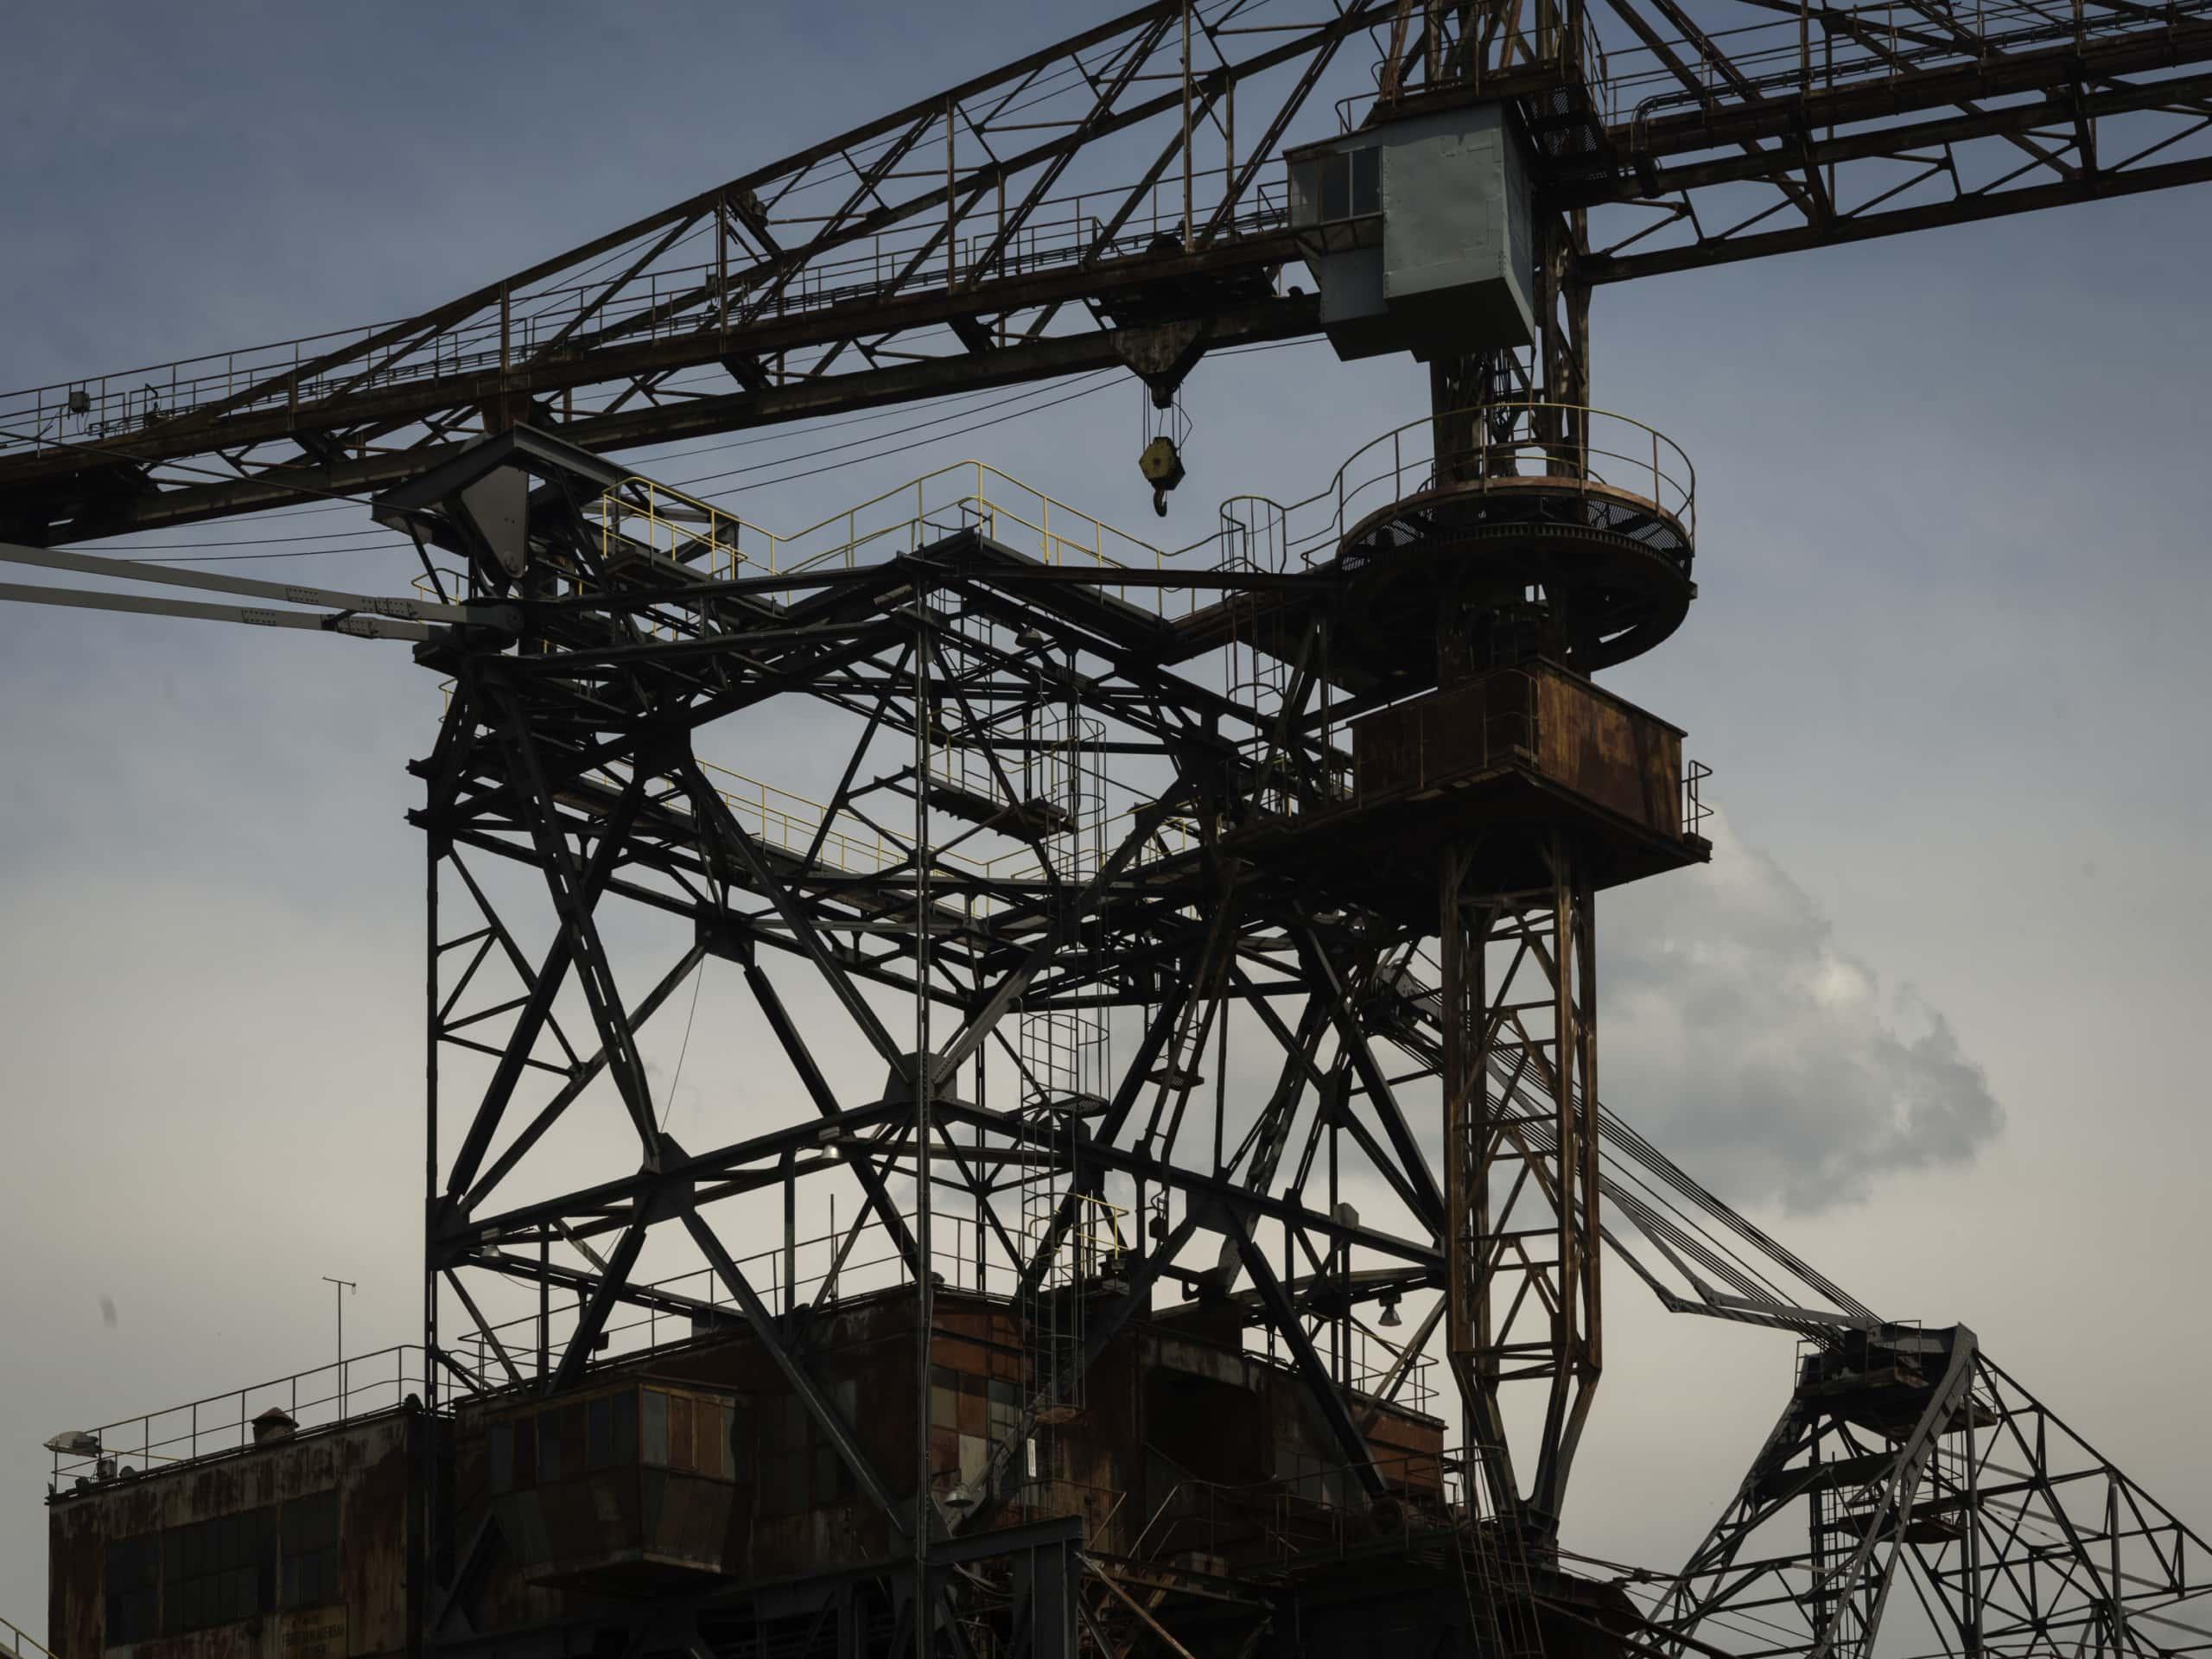 Industriekultur – Ferropolis – Die Stadt aus Eisen